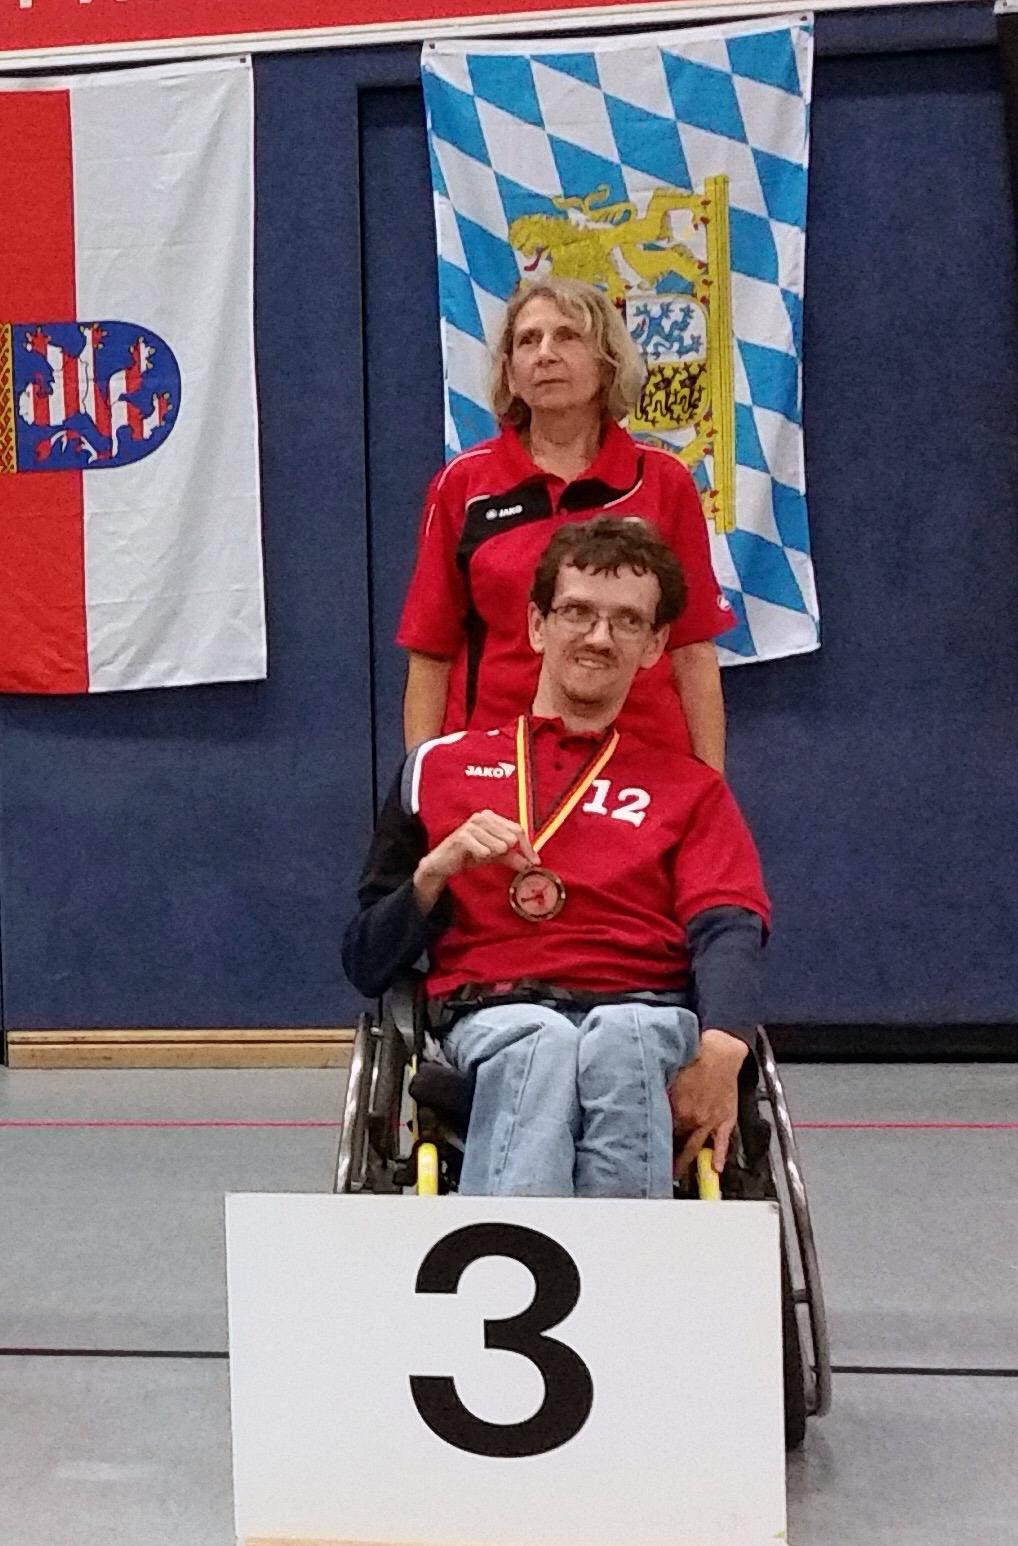 Christoph Voit bei seinem Erfolg (mit im Bild die Betreuerin)